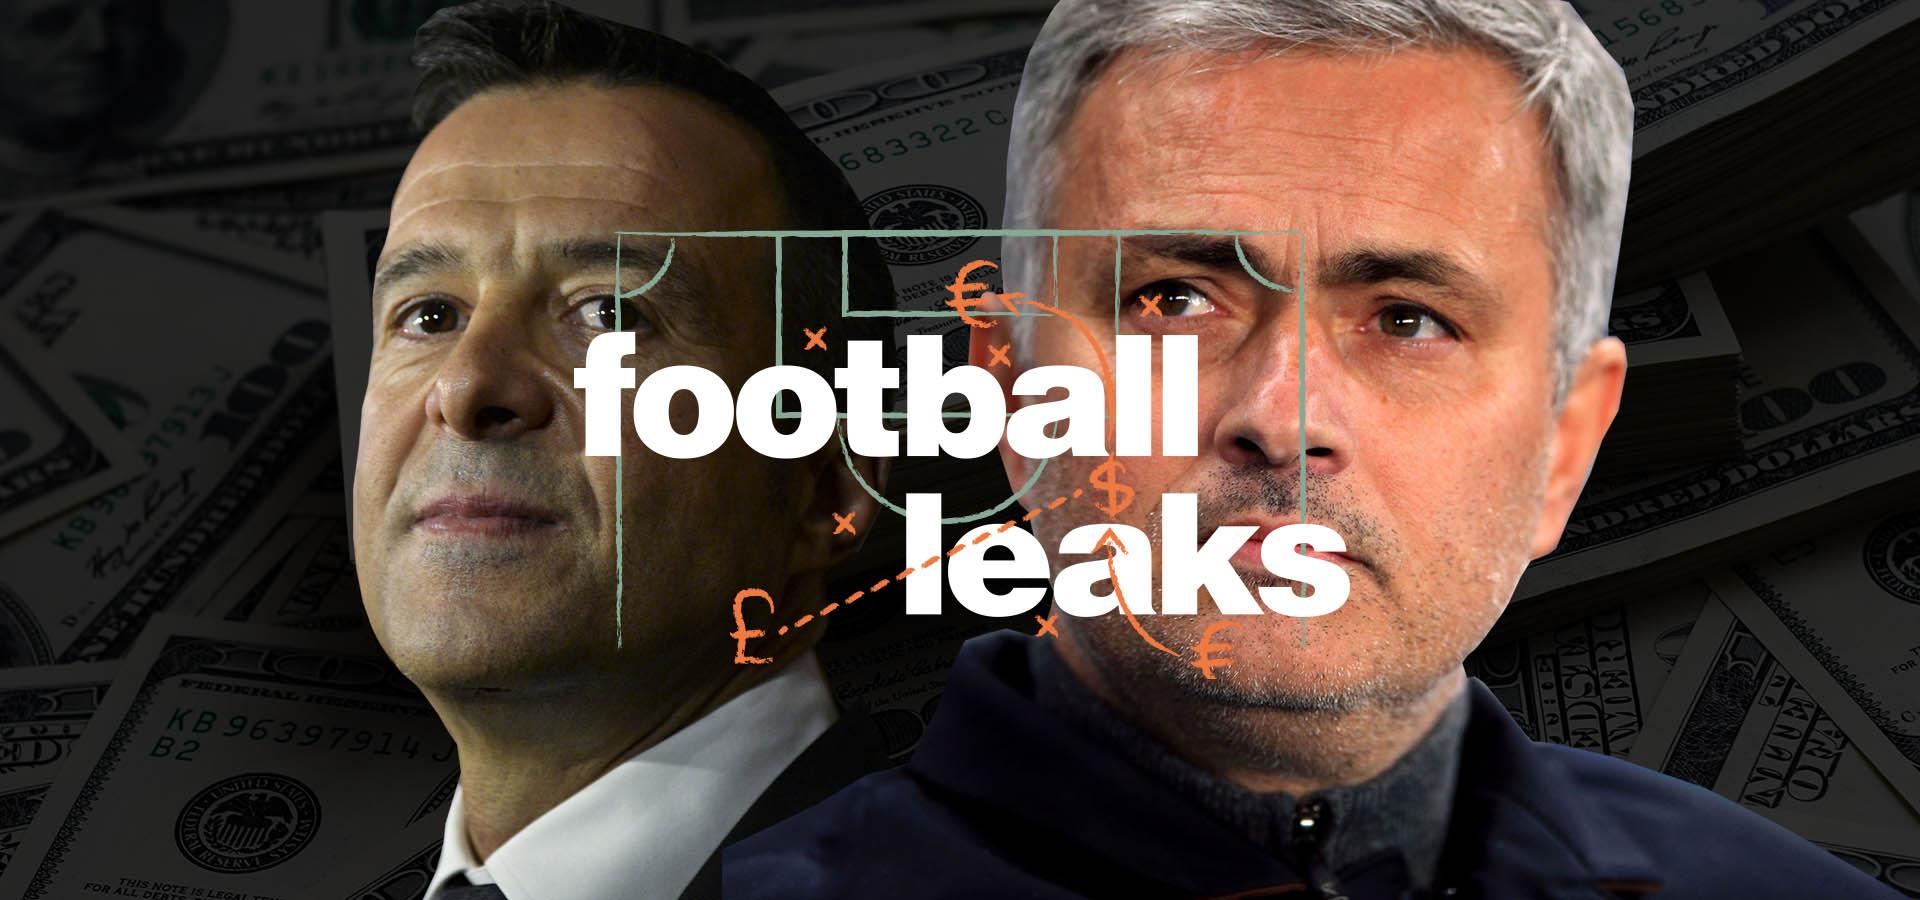 FOOTBALL LEAKS: Karipske manipulacije Jorge Mendesa i Josea Mourinha